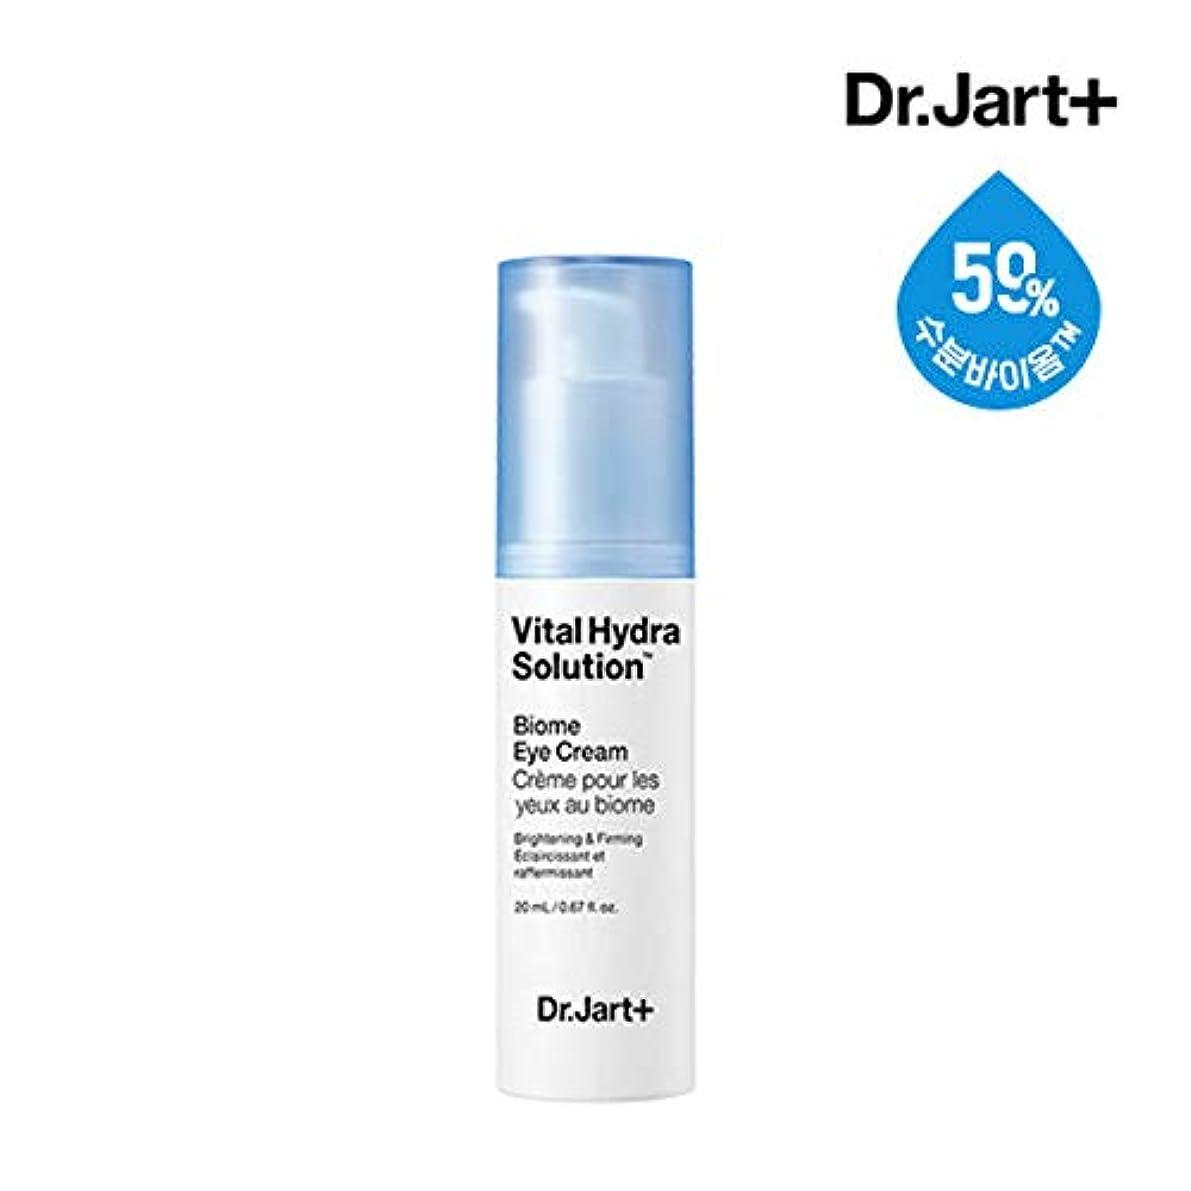 予見する慢機構ドクタージャルトゥ[Dr.Jart+] バイタルハイドラソリューションバイオームアイクリーム20ml (Vital Hydra Solution Biome Eye Cream) / ブライトニング&ファーミング